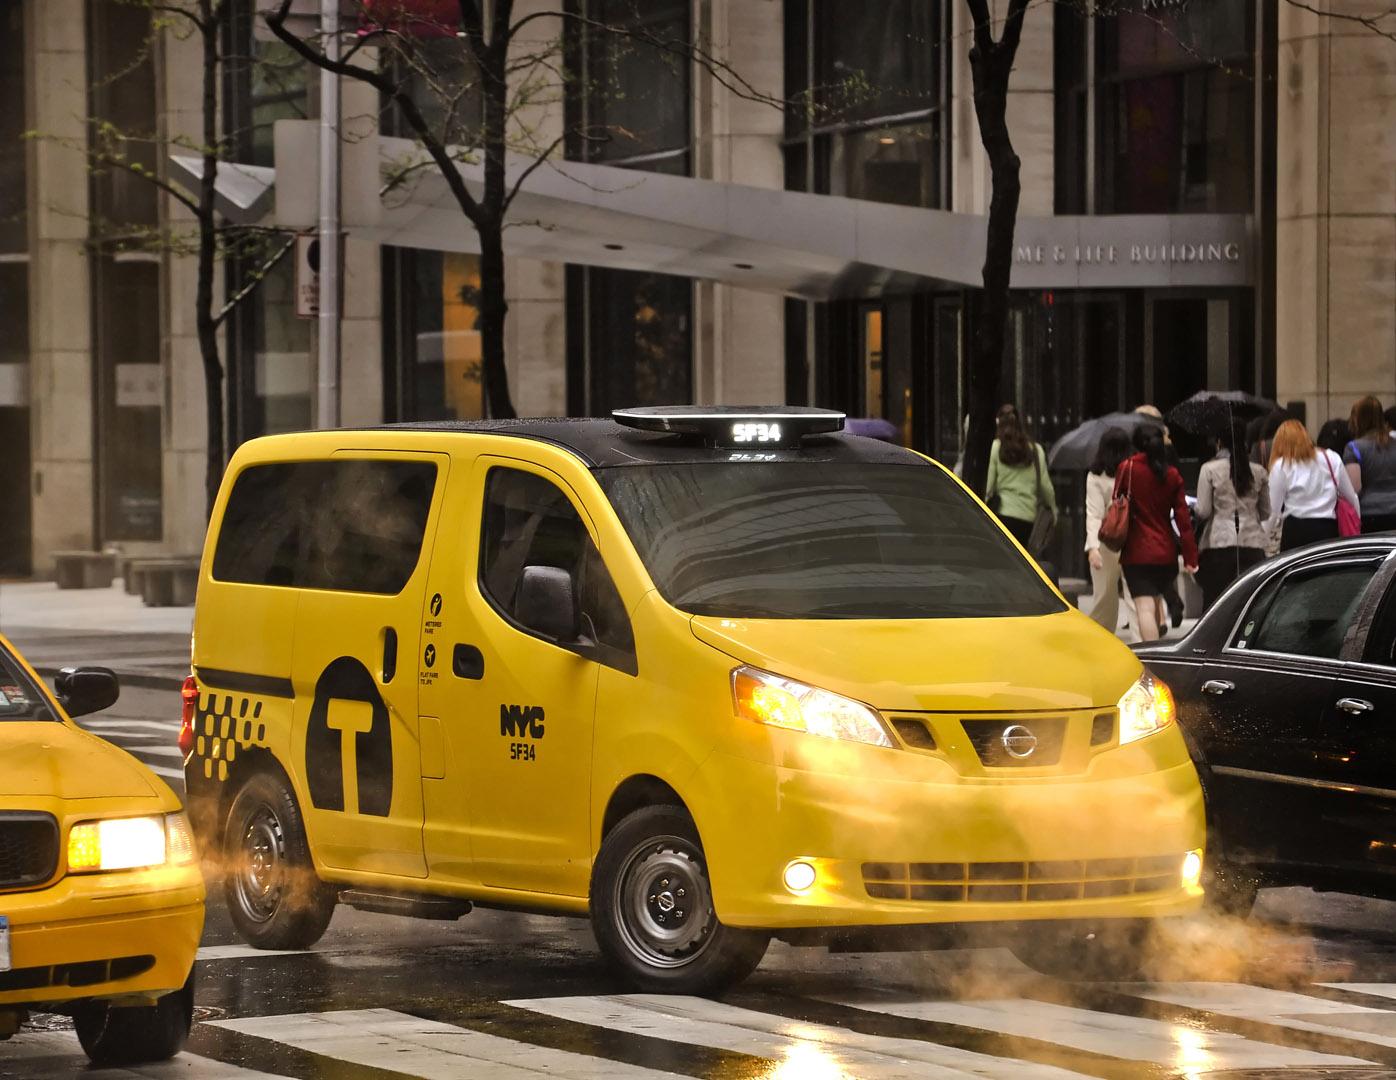 http://1.bp.blogspot.com/-RwMB_hI0Y3o/T_99sxH1MXI/AAAAAAAAE2w/4DTIUlXFb6A/s1600/Nissan+NV200+New+York+Taxi+Hd+Wallpapers+2014.6.jpg